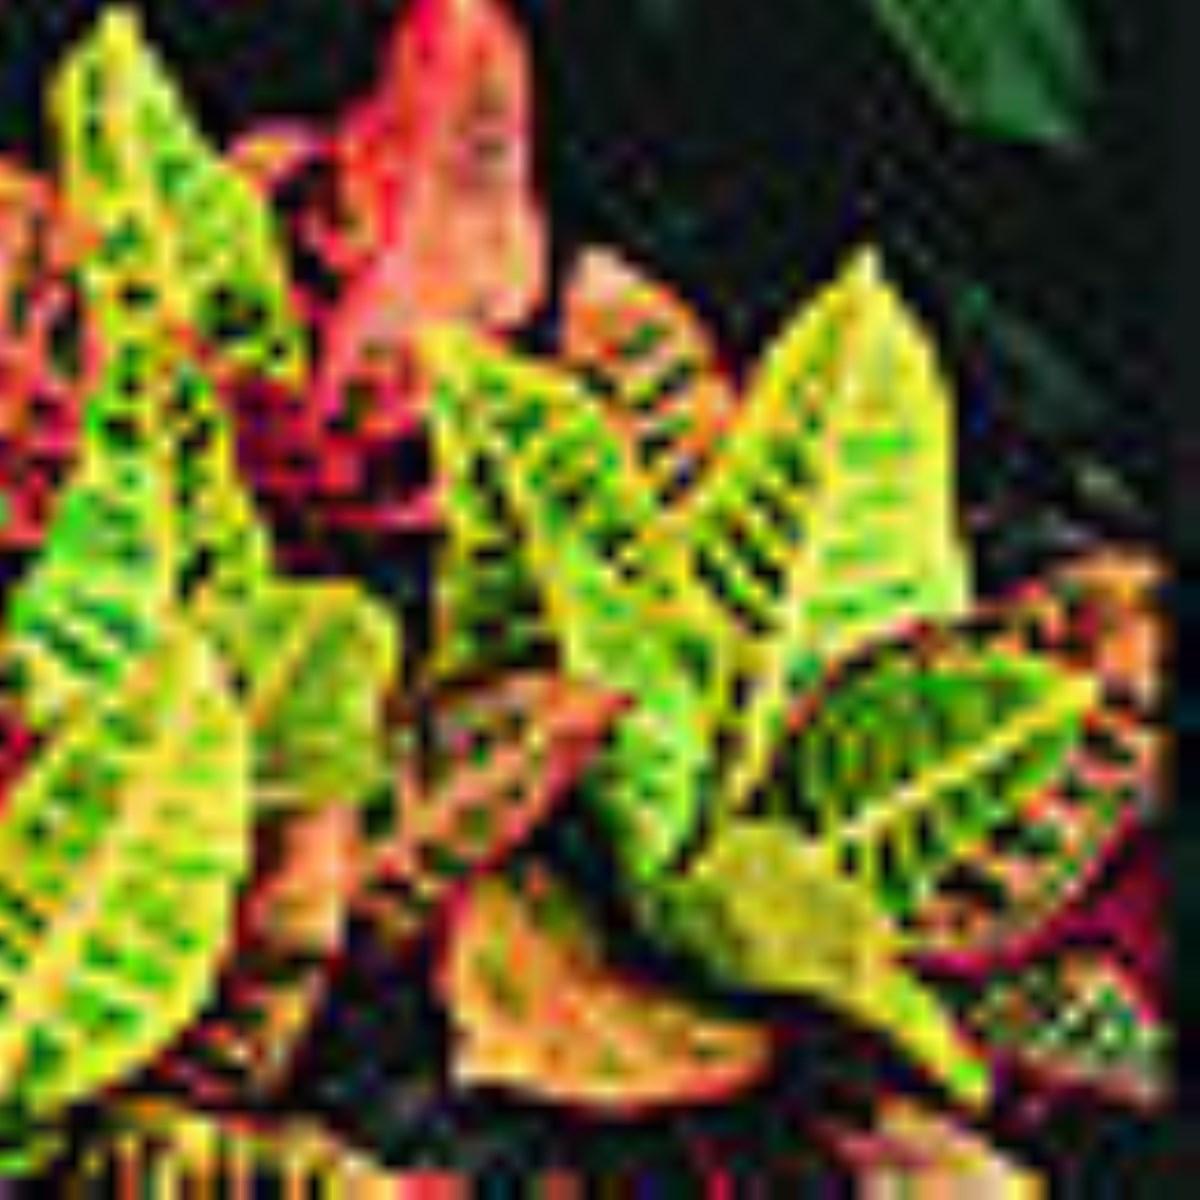 صدها گونه از گیاهان دارویی در معرض خطر انقراض